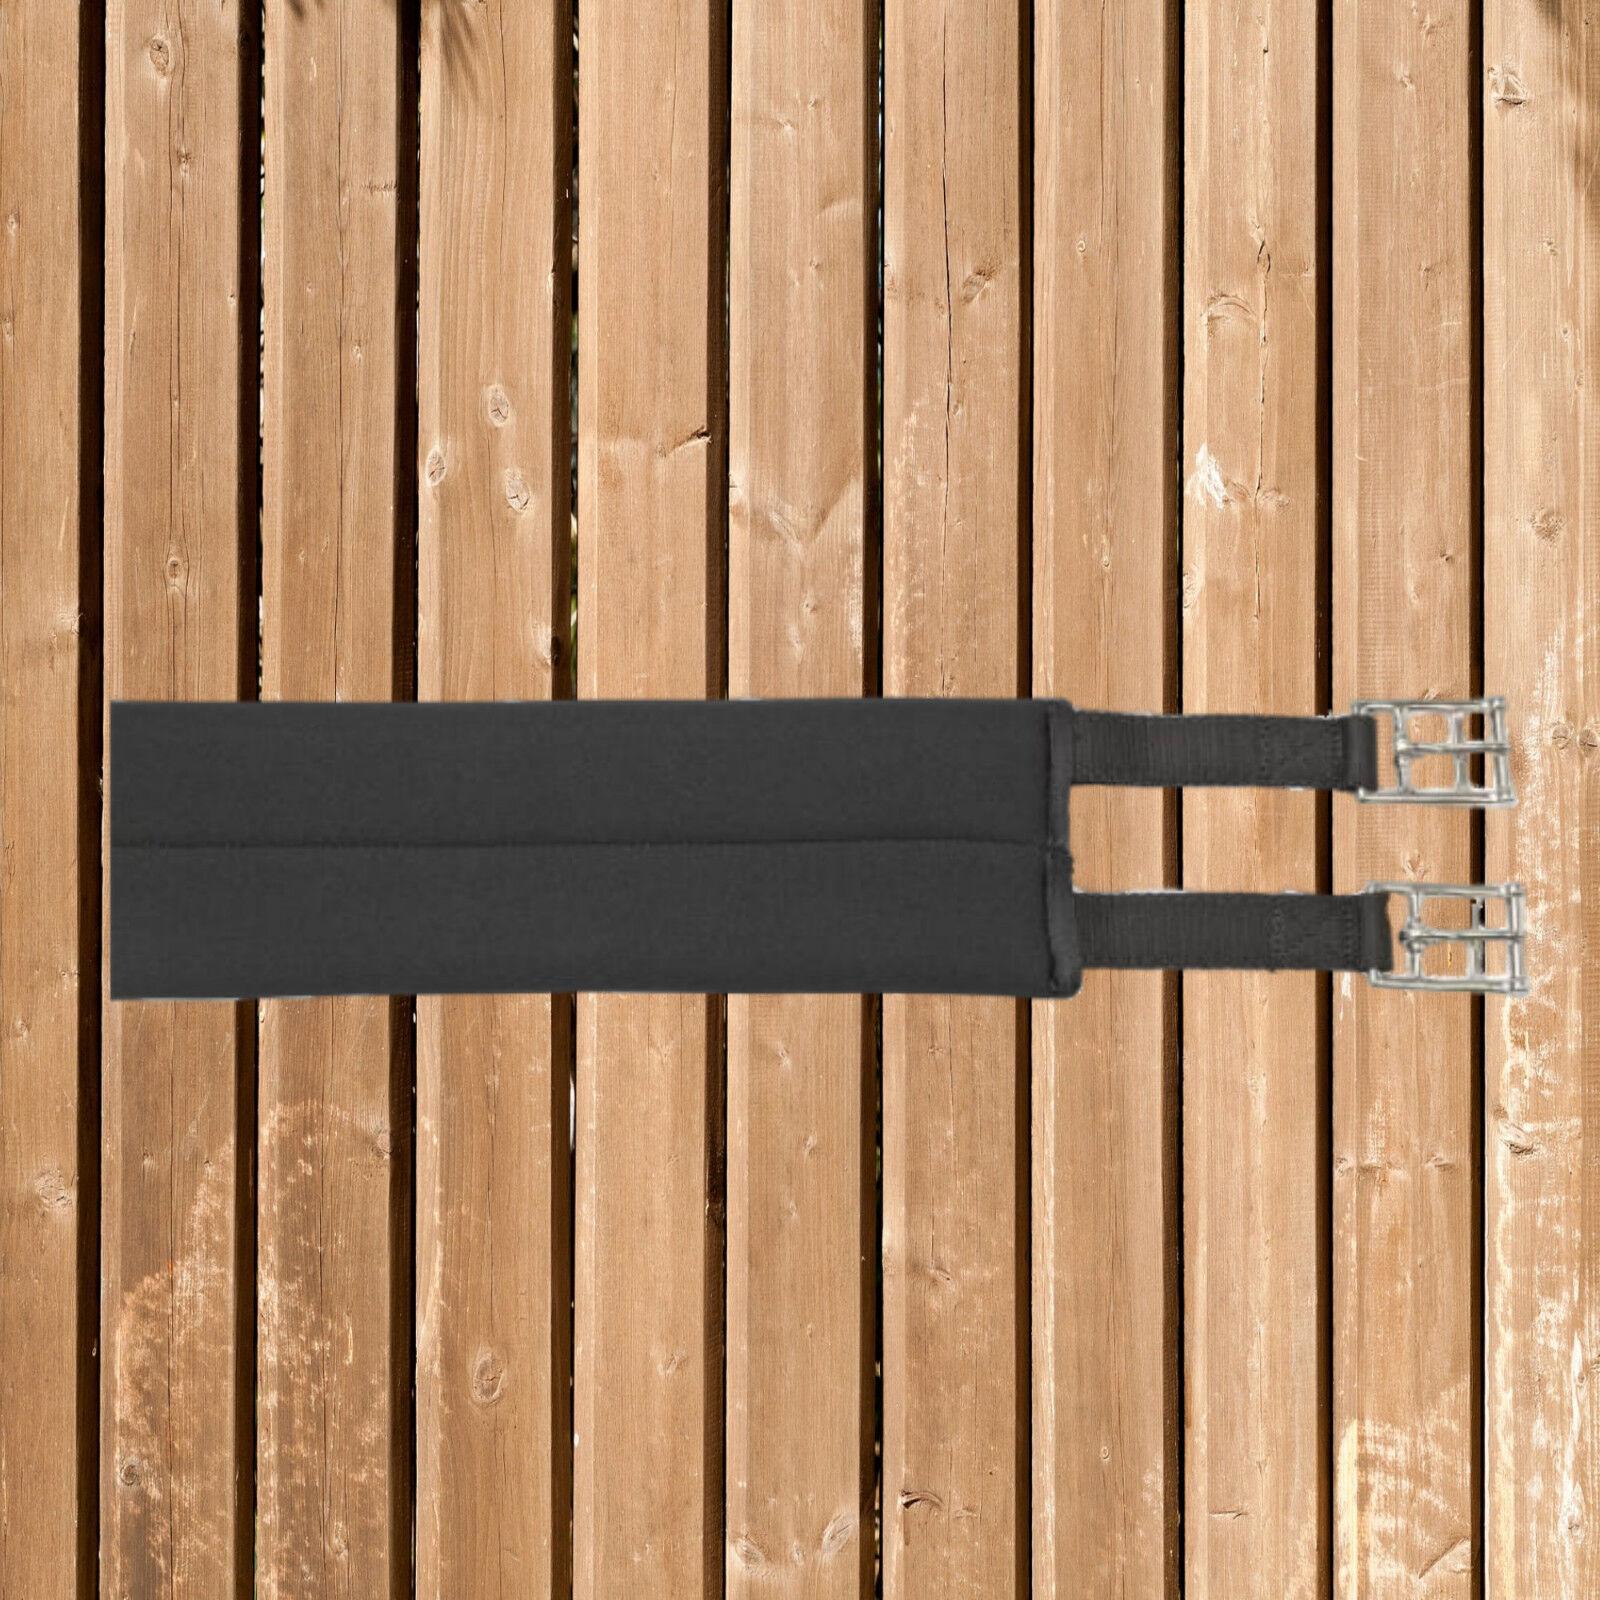 Busse Sattelgurt SOFT-Long, SOFT-Long, SOFT-Long, Langgurt, Bauchgurt, Neopren Sattelgurt schwarz   | Primäre Qualität  a7132a